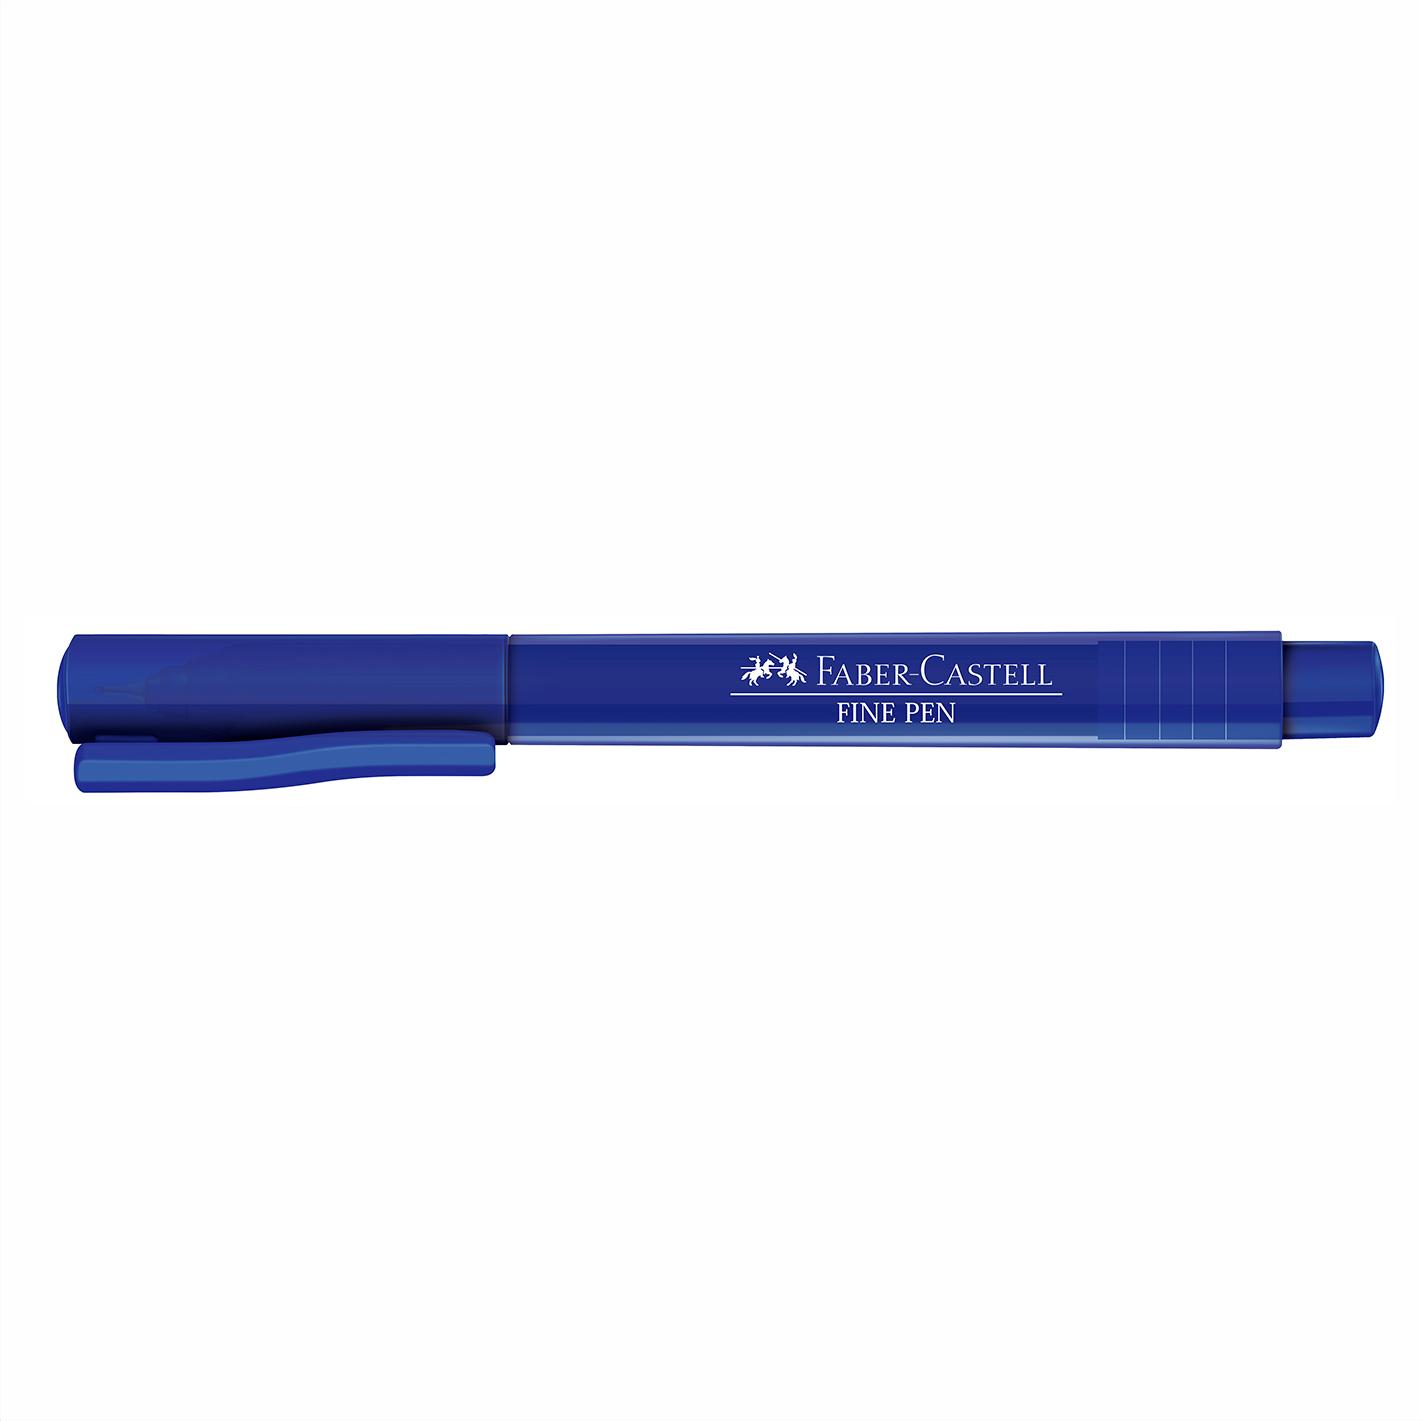 Caneta Hidrográfica 0.4 azul escuro FINE PEN Faber-Castell